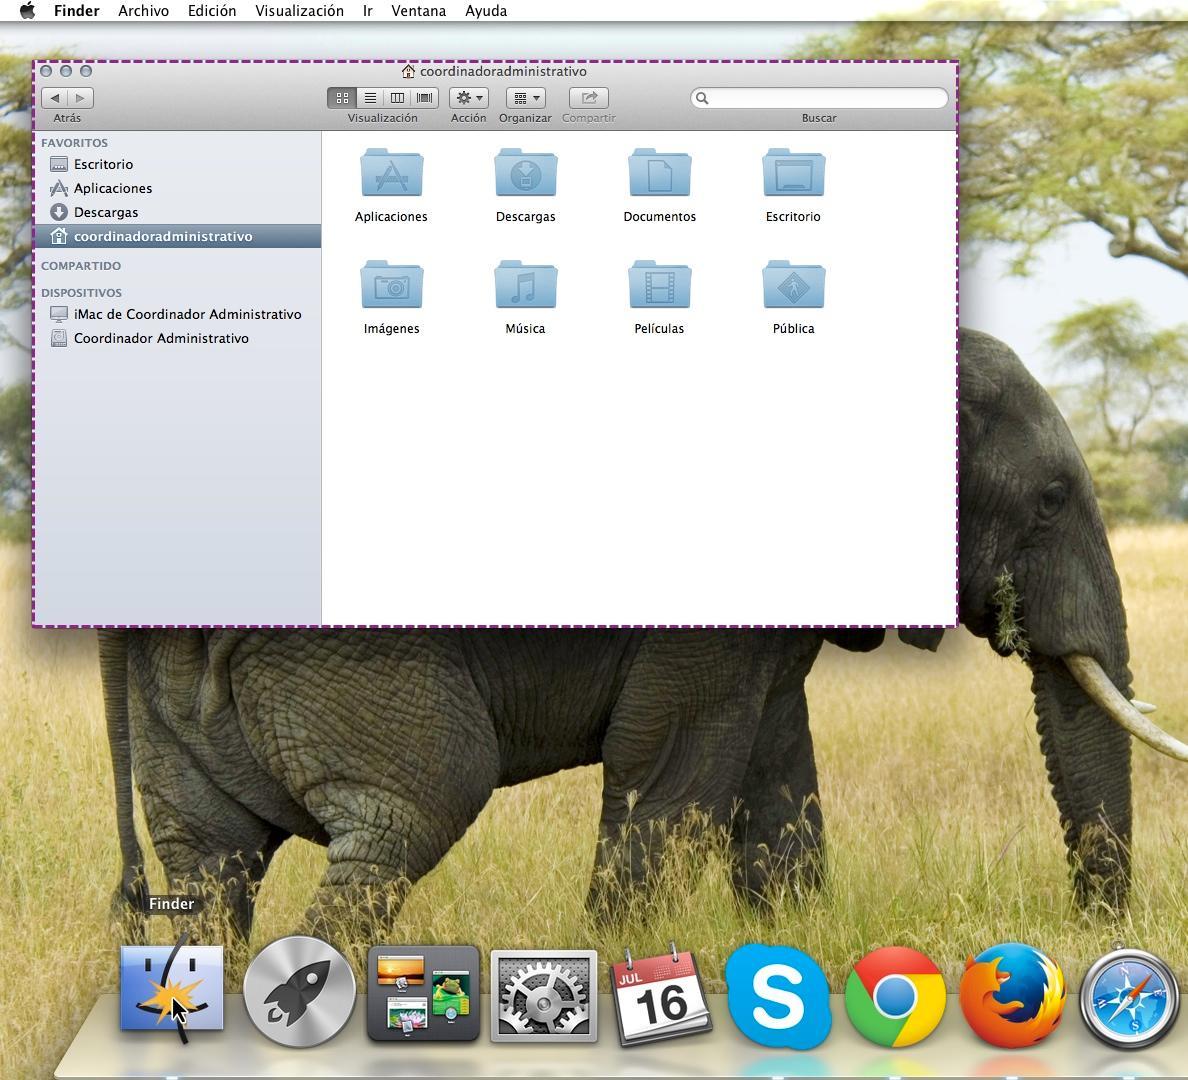 Finder o explorador de archivos en el sistema operativo Mac OS X.